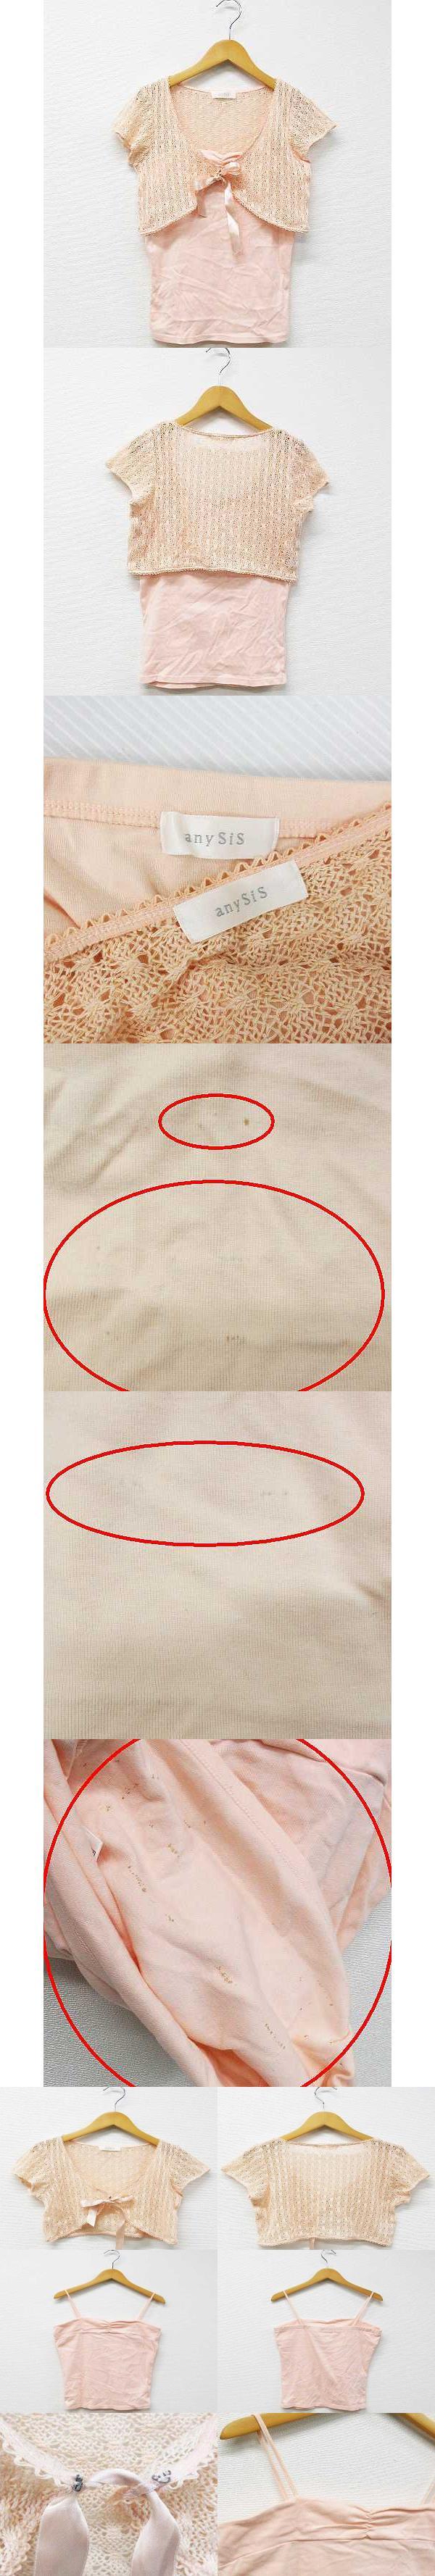 アンサンブル ニット カーディガン キャミソール トップス ギャザー リボン コットン 半袖 ピンク 2